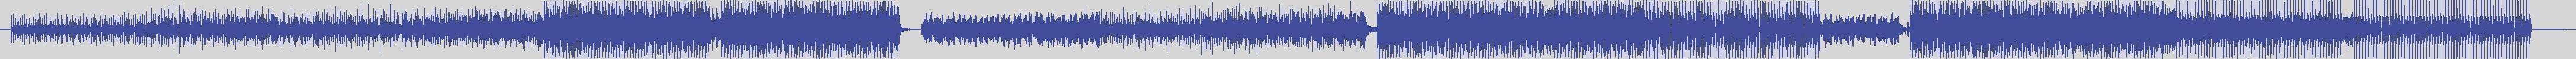 just_digital_records [JS1299] Tony Rollo - Face Off [Original Mix] audio wave form